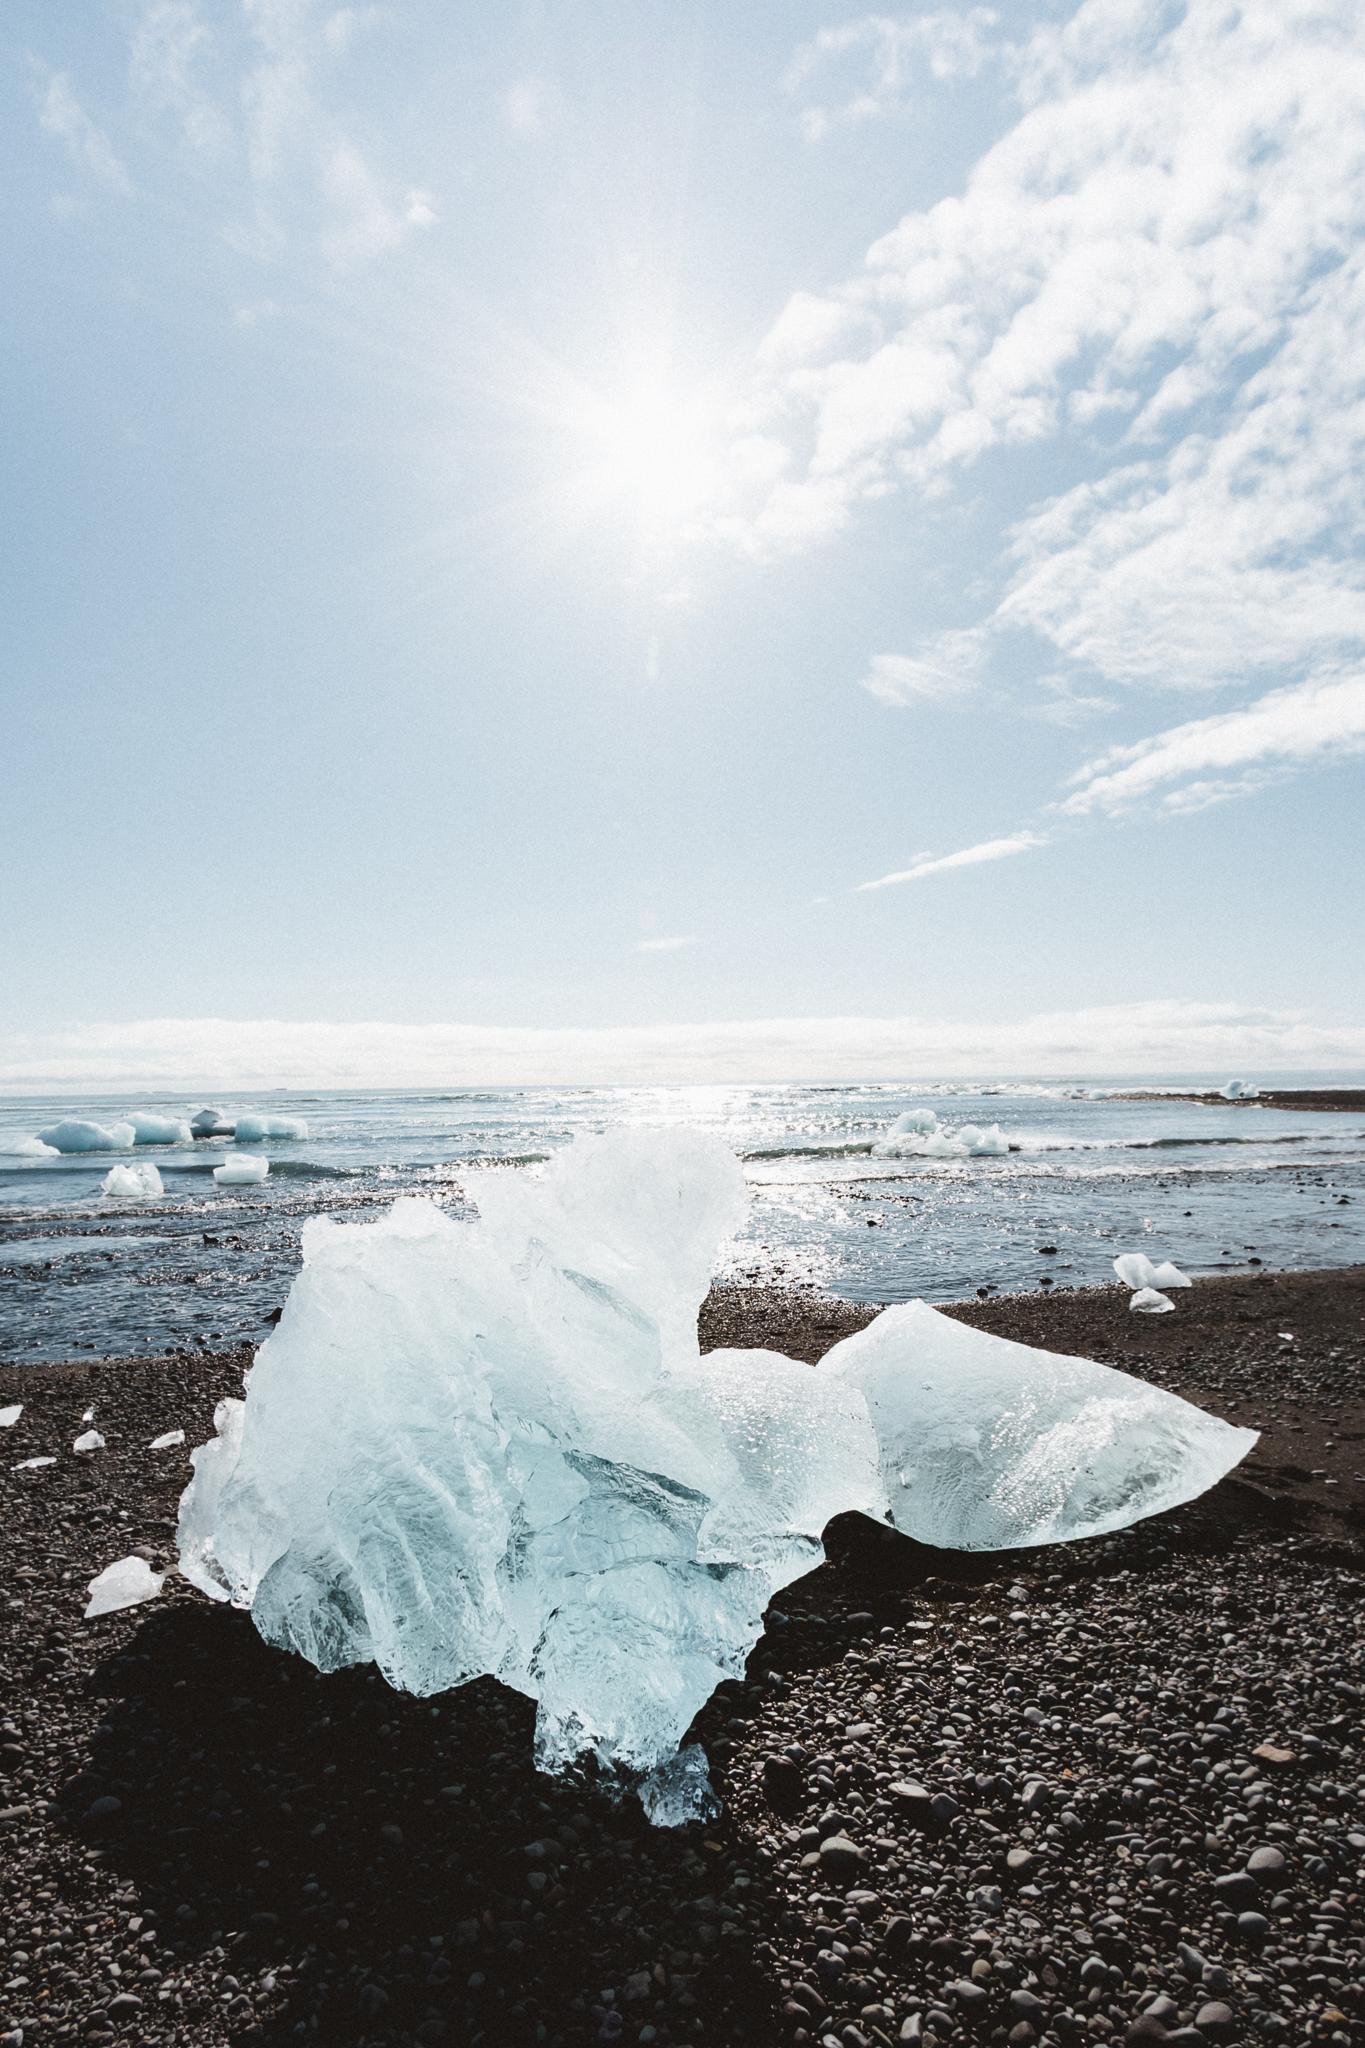 Diamond Beach   Jökulsárlón Glacier Lagoon 2 Day Tour   Hidden Iceland   Photo by Emily Sillett